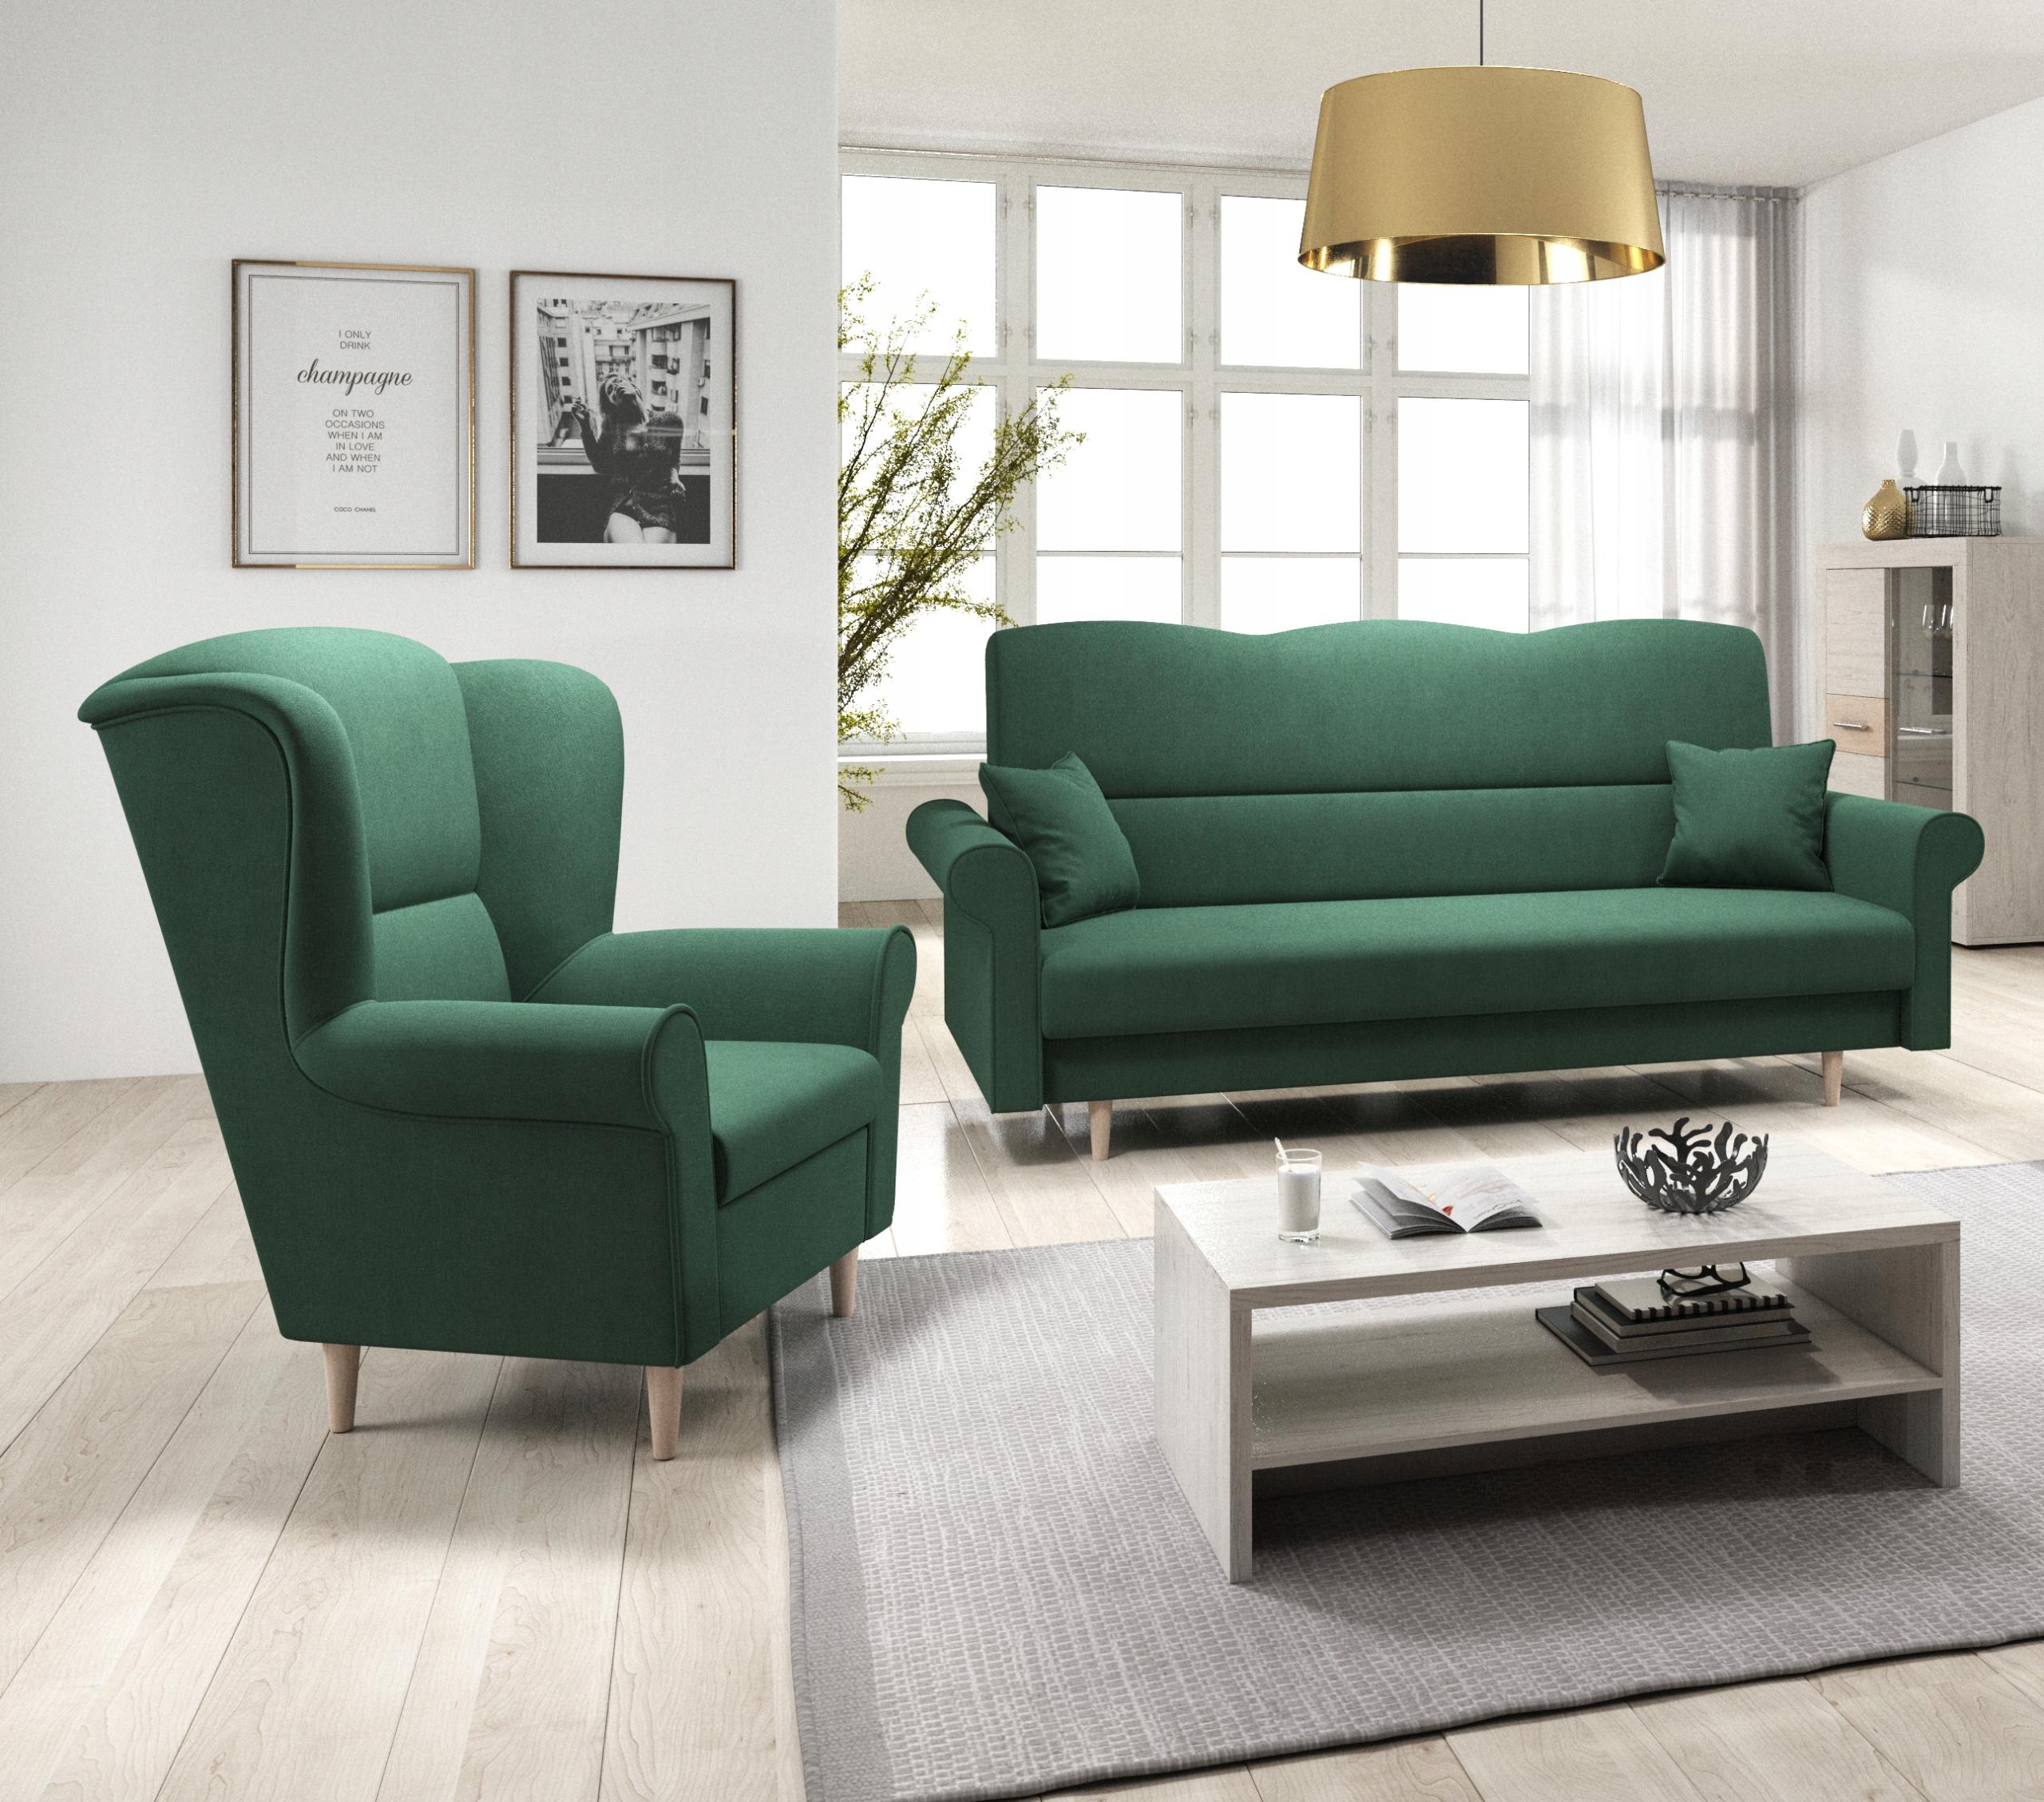 комплект квартира loft 3 +1 - диван-кровать и Кресло